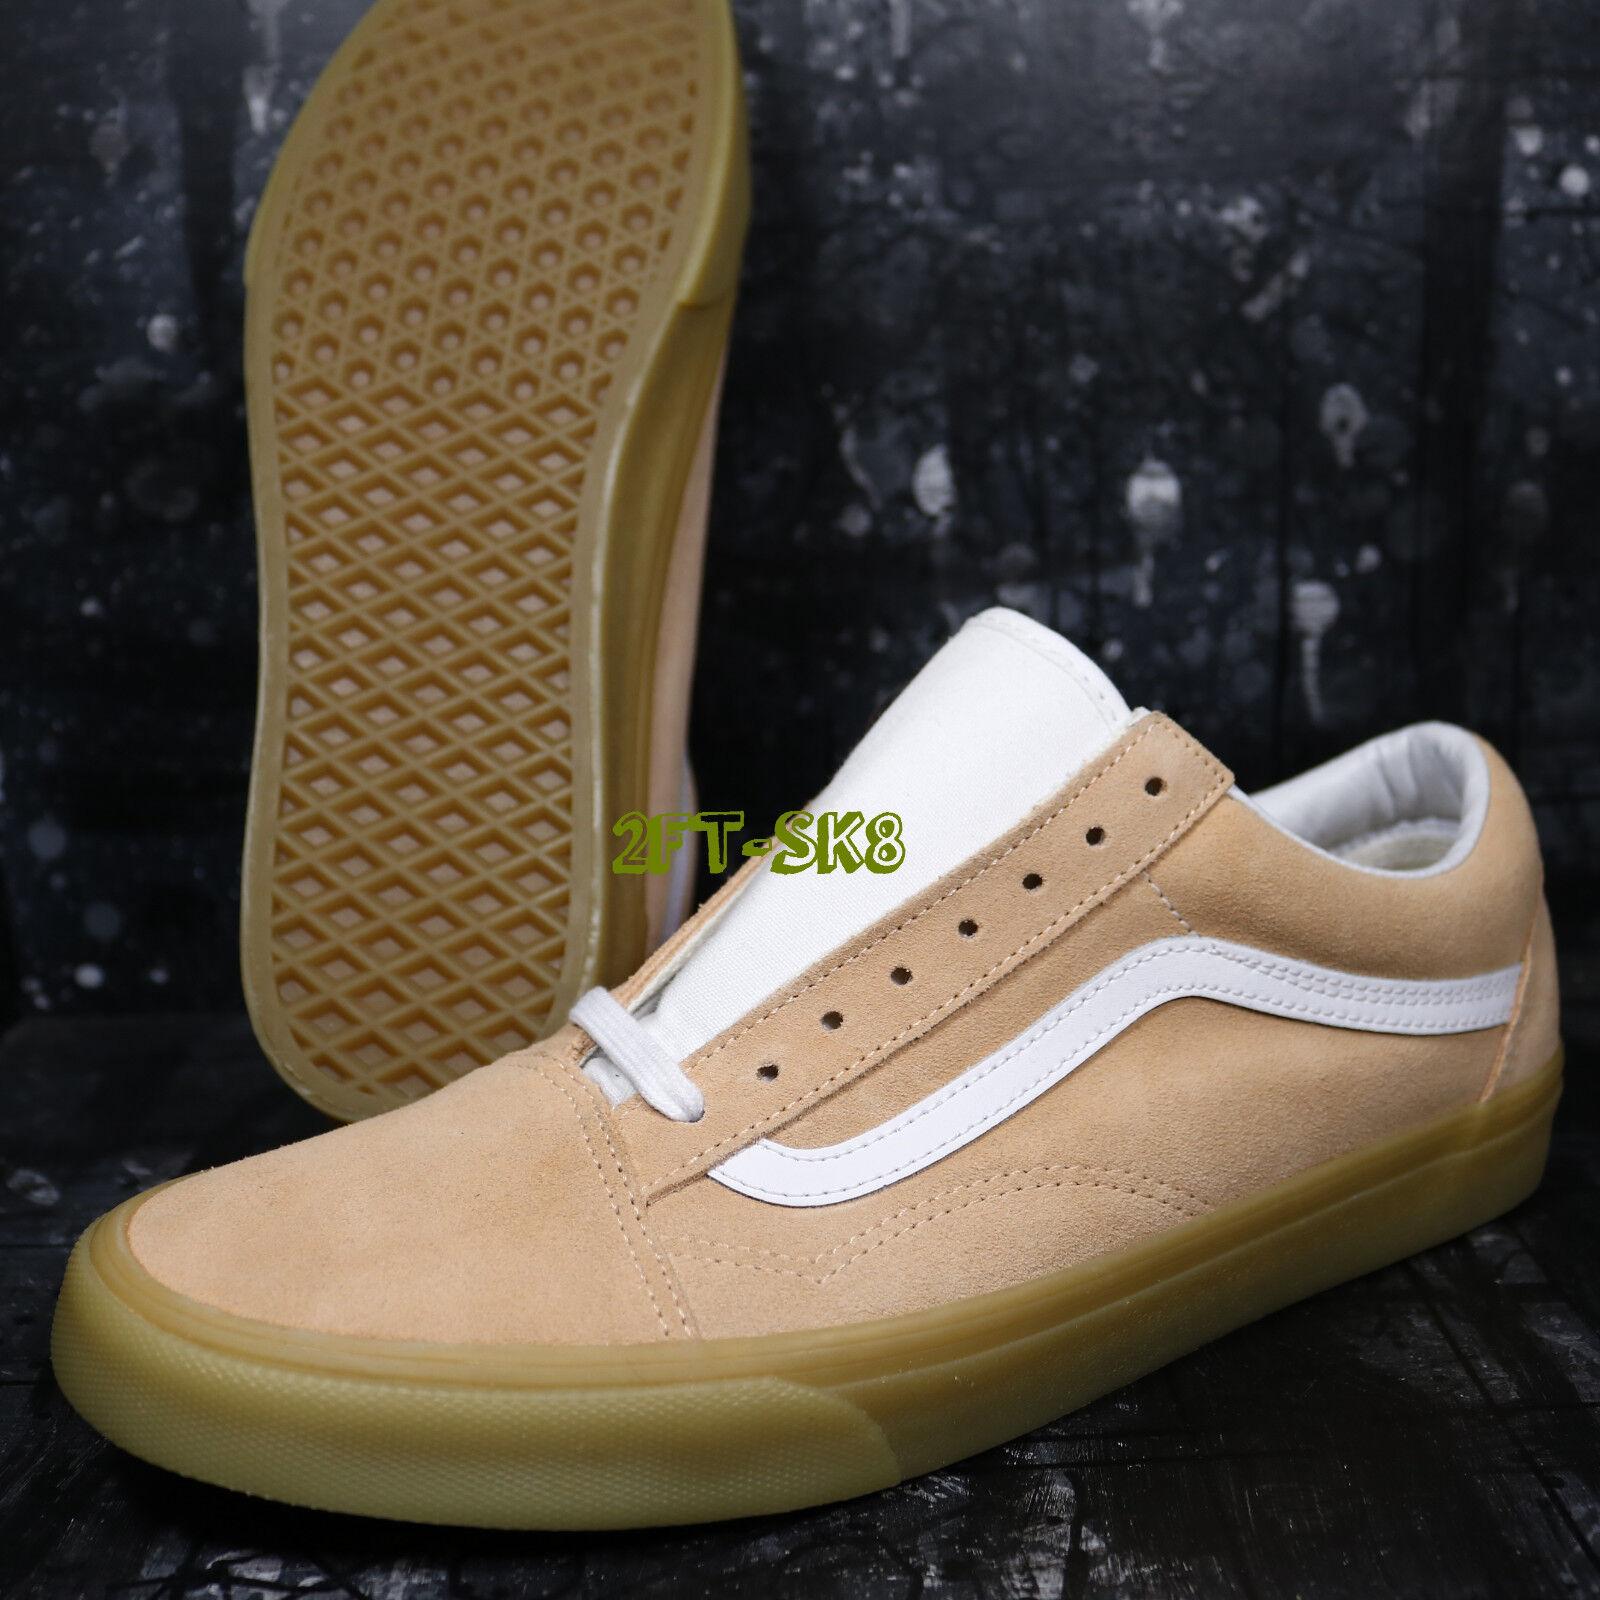 Vans Old Skool Double Light Gum apricot Herren Skate Schuhes8a154.222